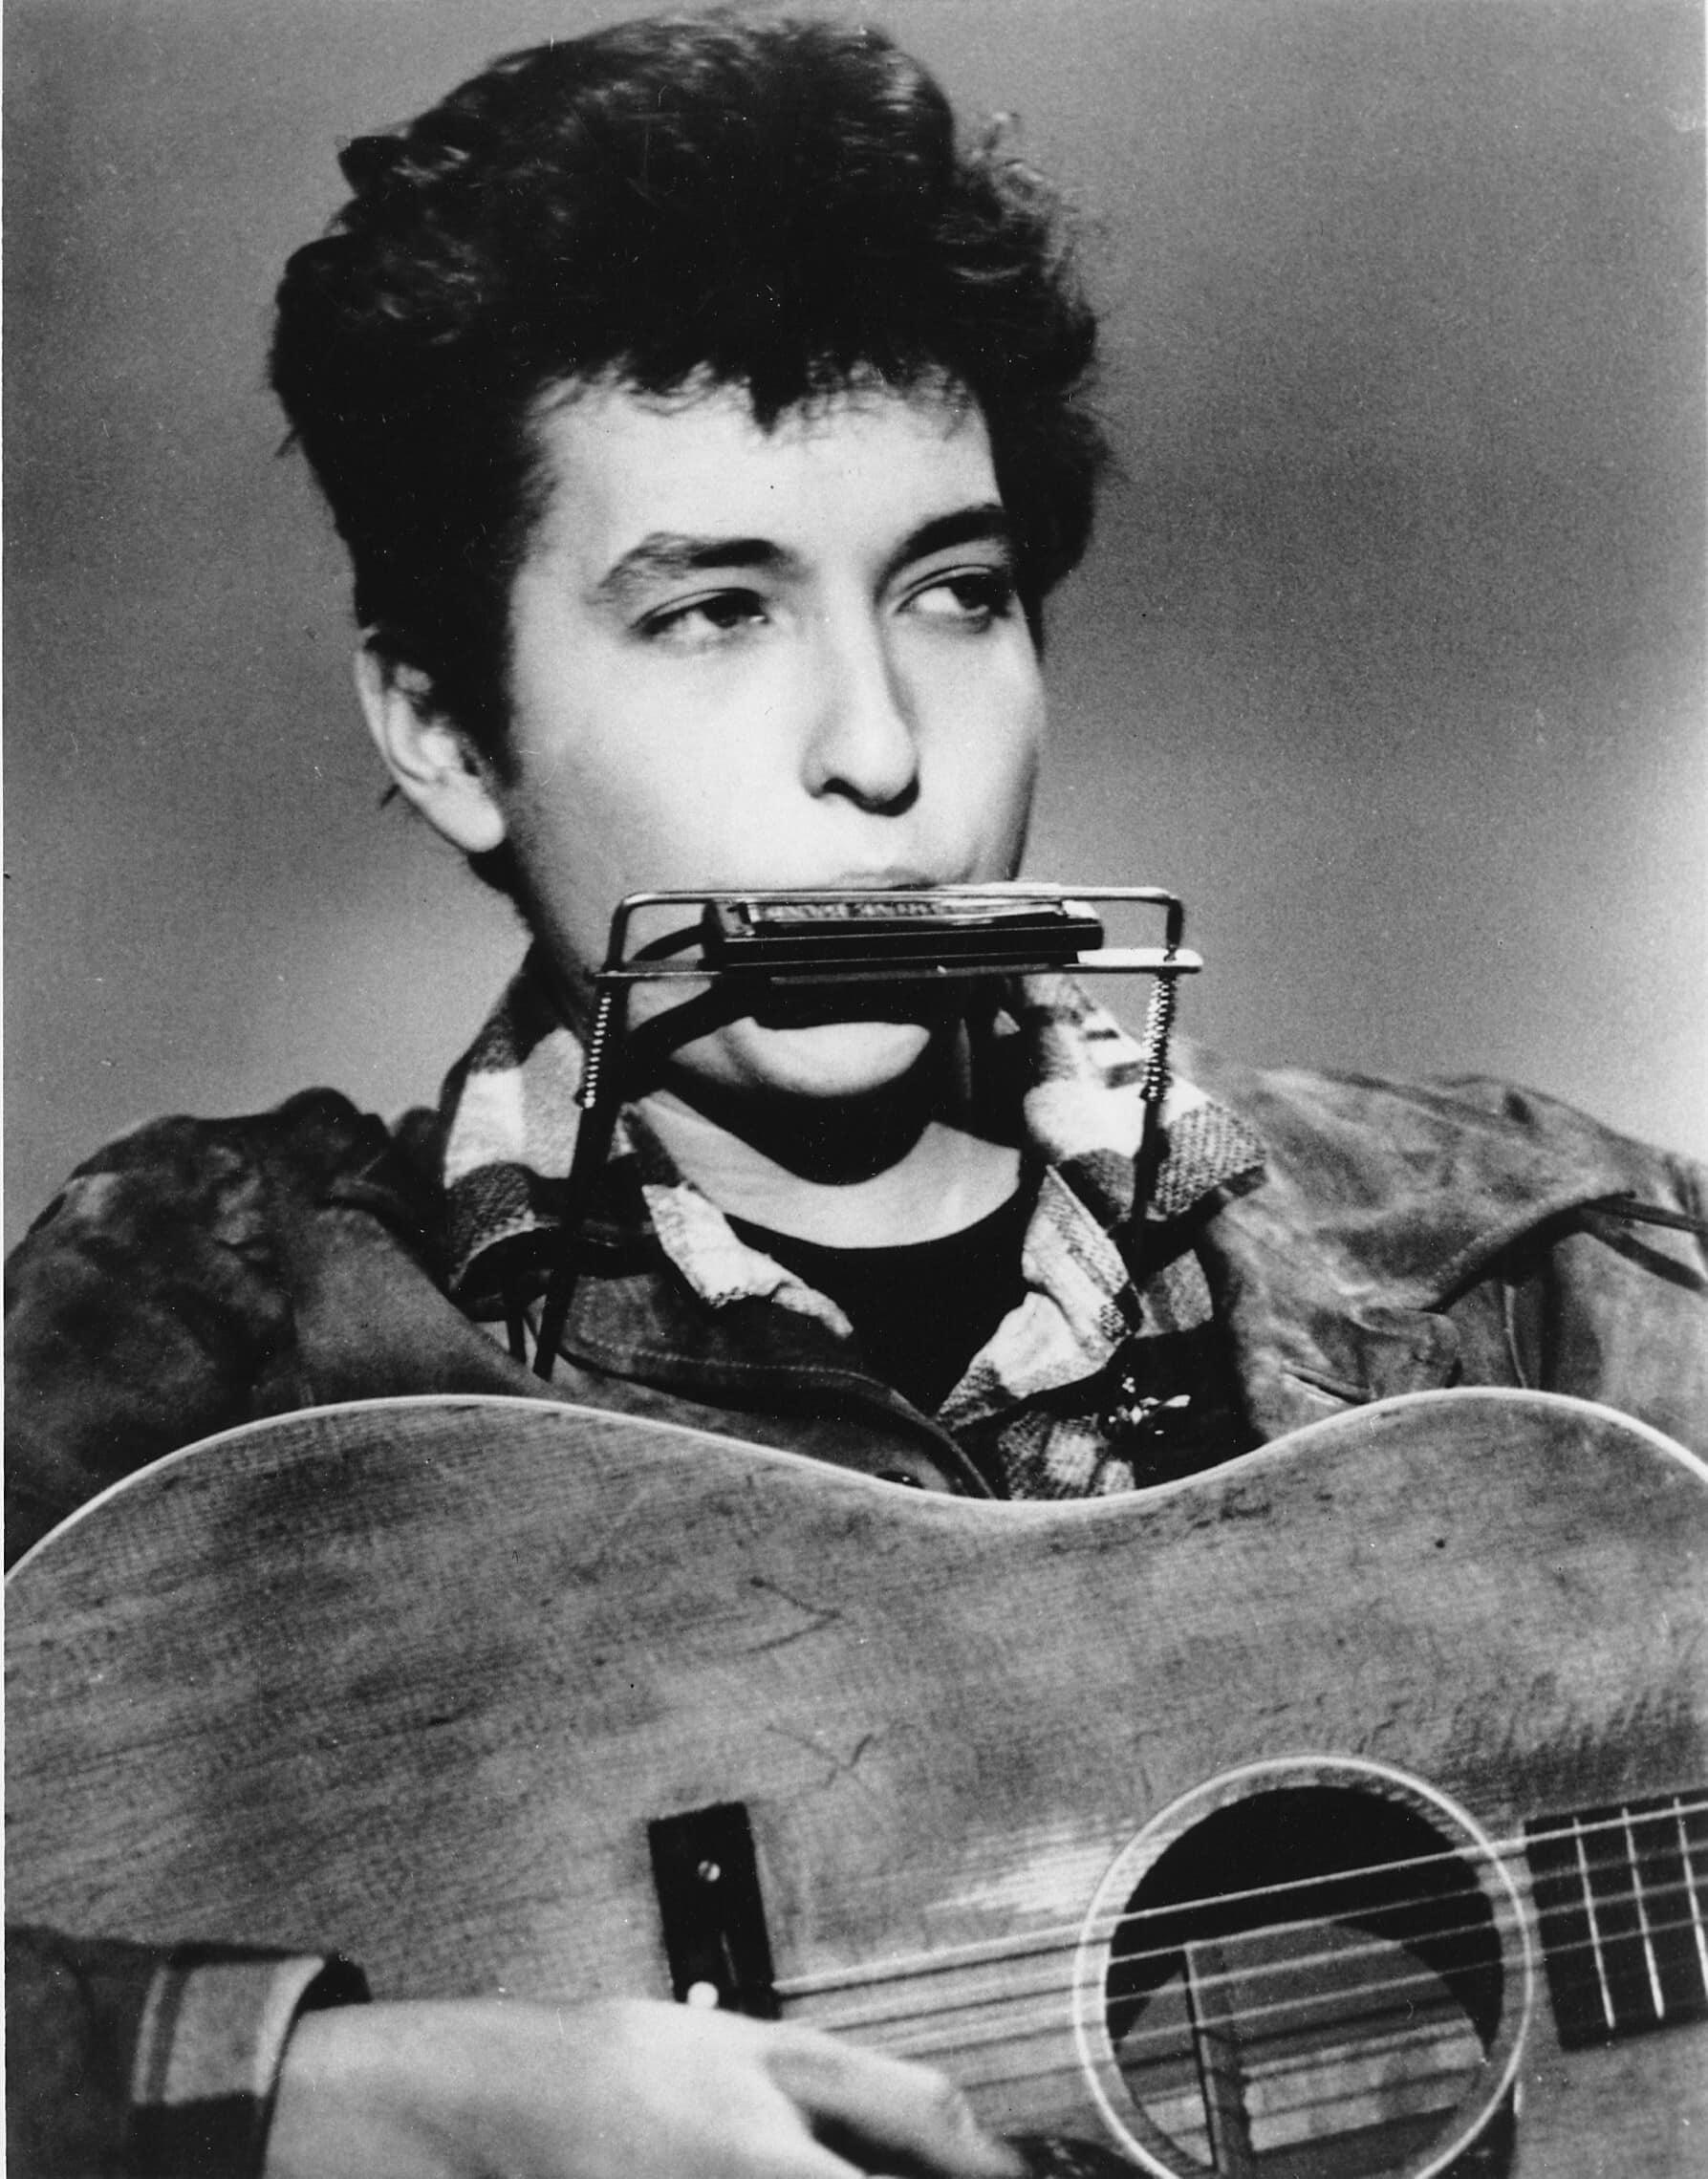 בוב דילן בגיל 22, 1963 (צילום: AP Photo)